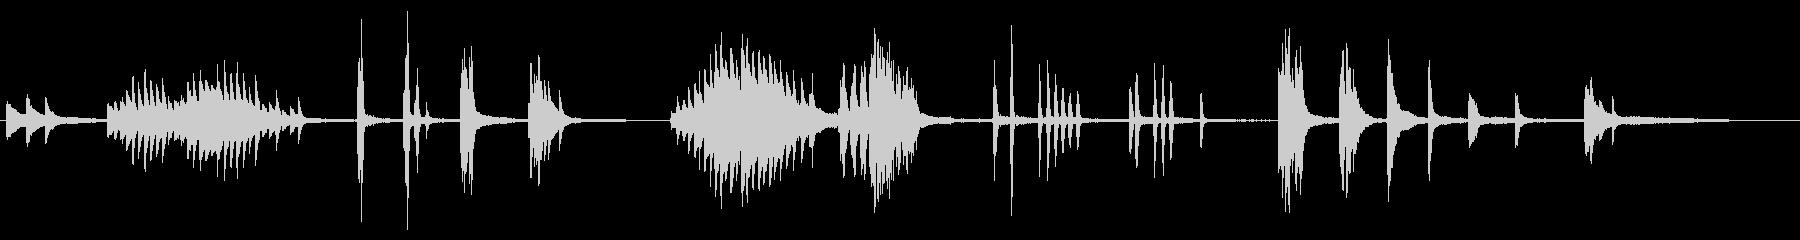 印象派風のイメージBGMの未再生の波形